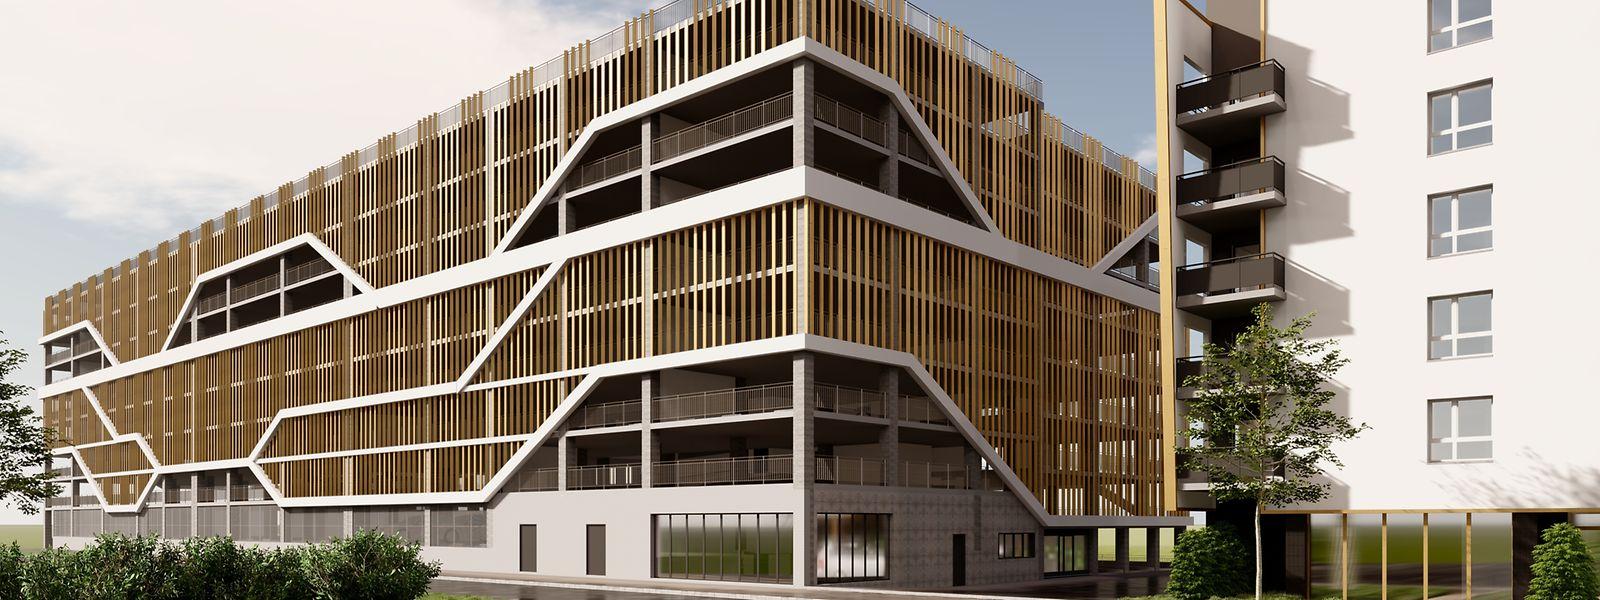 Le chantier débutera dès l'année prochaine. Il sera cofinancé par le Luxembourg.